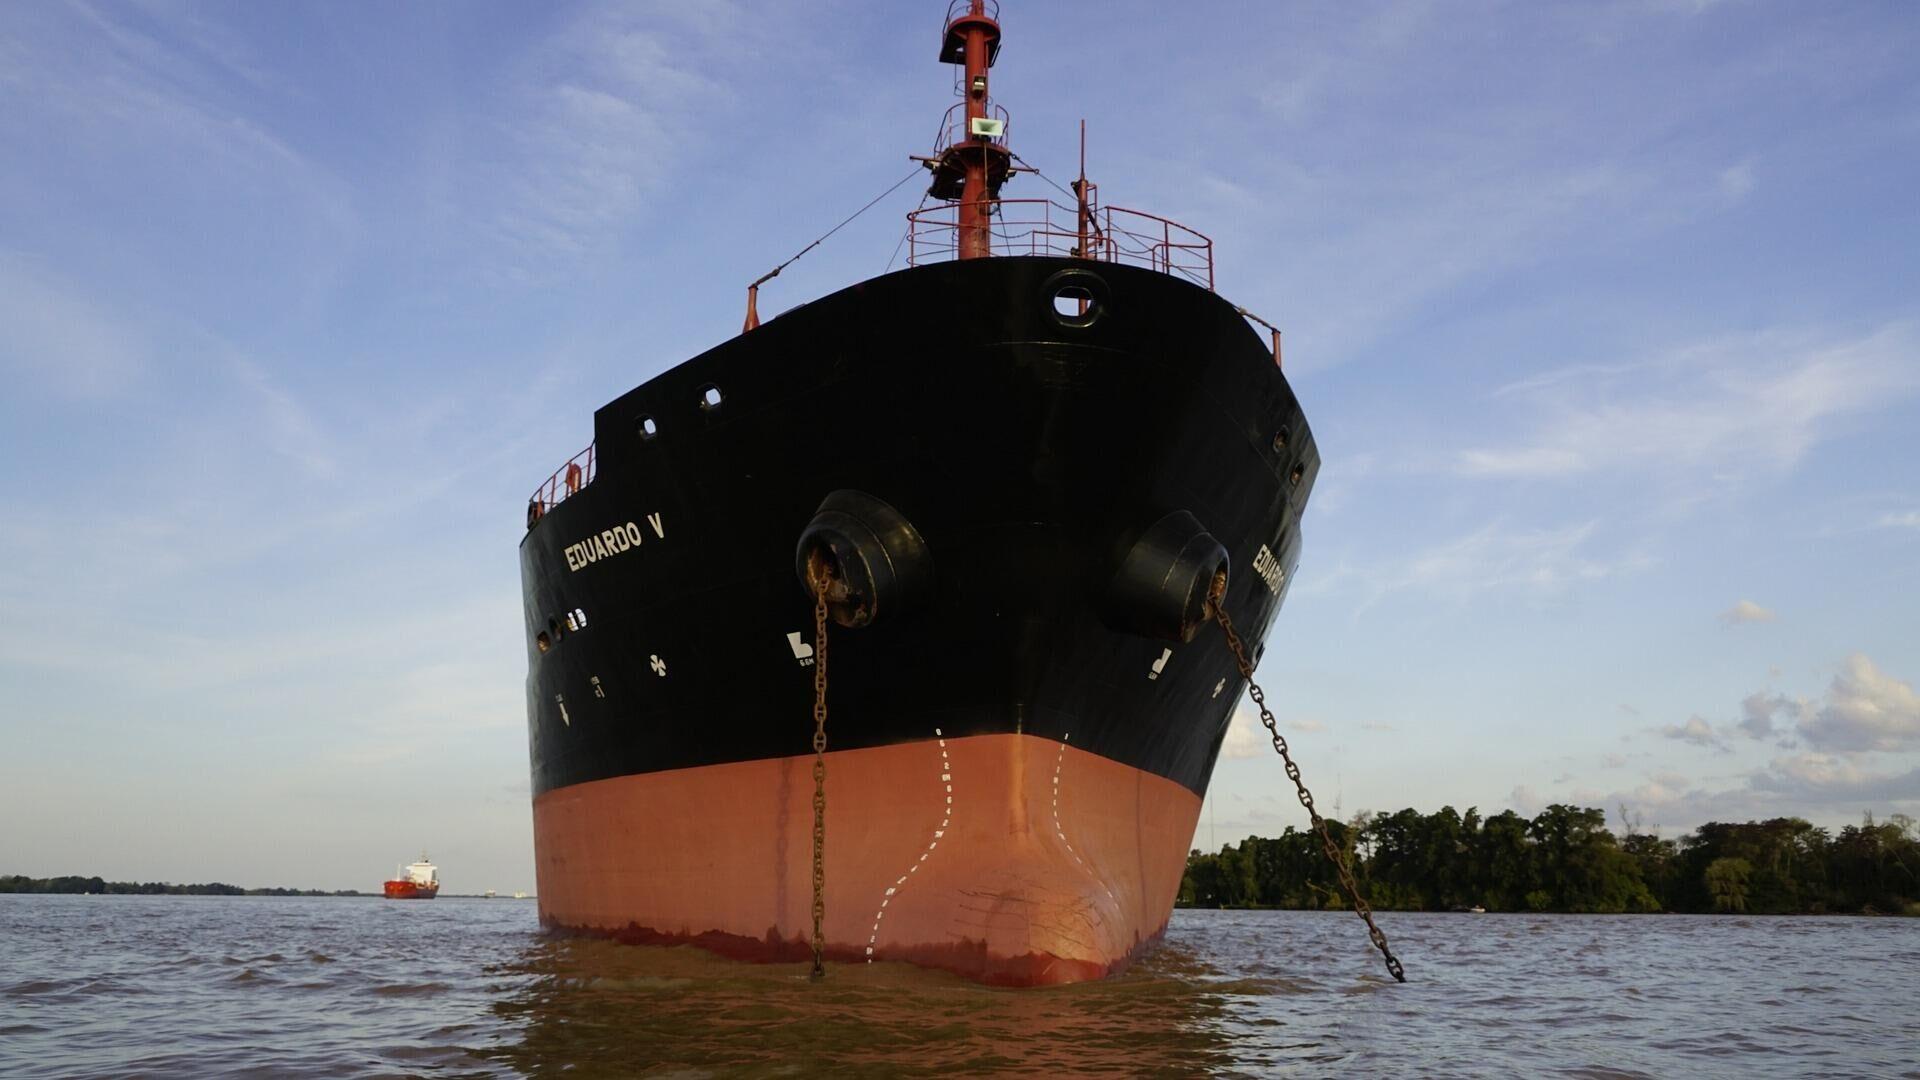 Un barco fondeado en el río Paraná - Sputnik Mundo, 1920, 10.04.2021